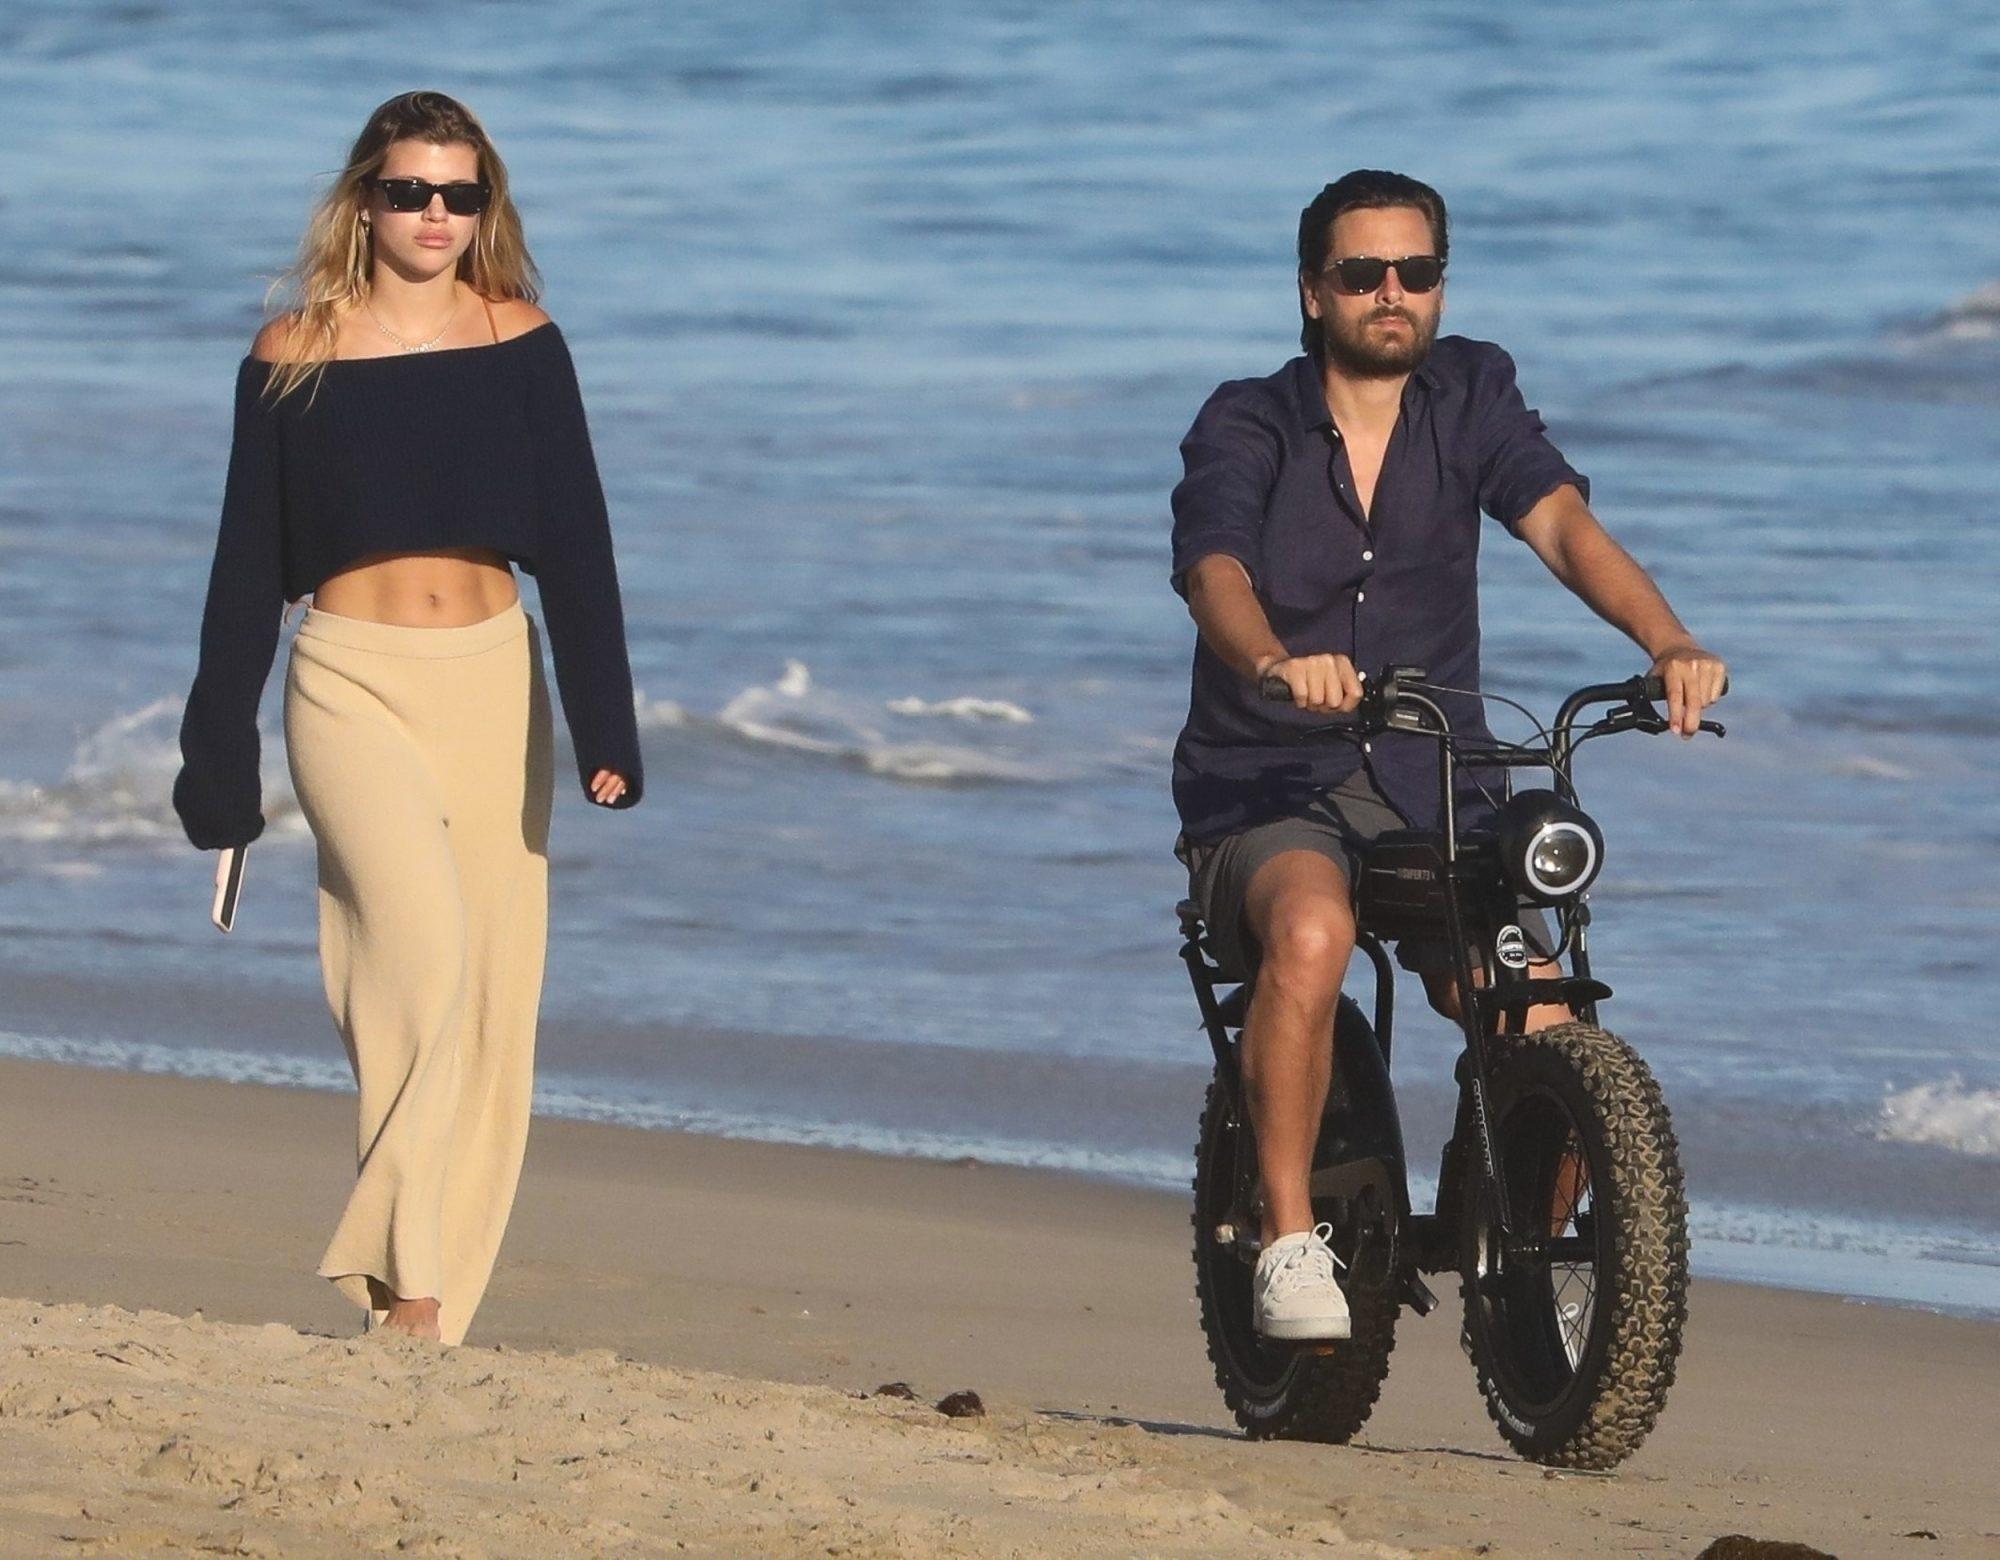 Scott Disick dando un paseo en bicicleta junto a su novia Sofia Richie en la playa en Malibú